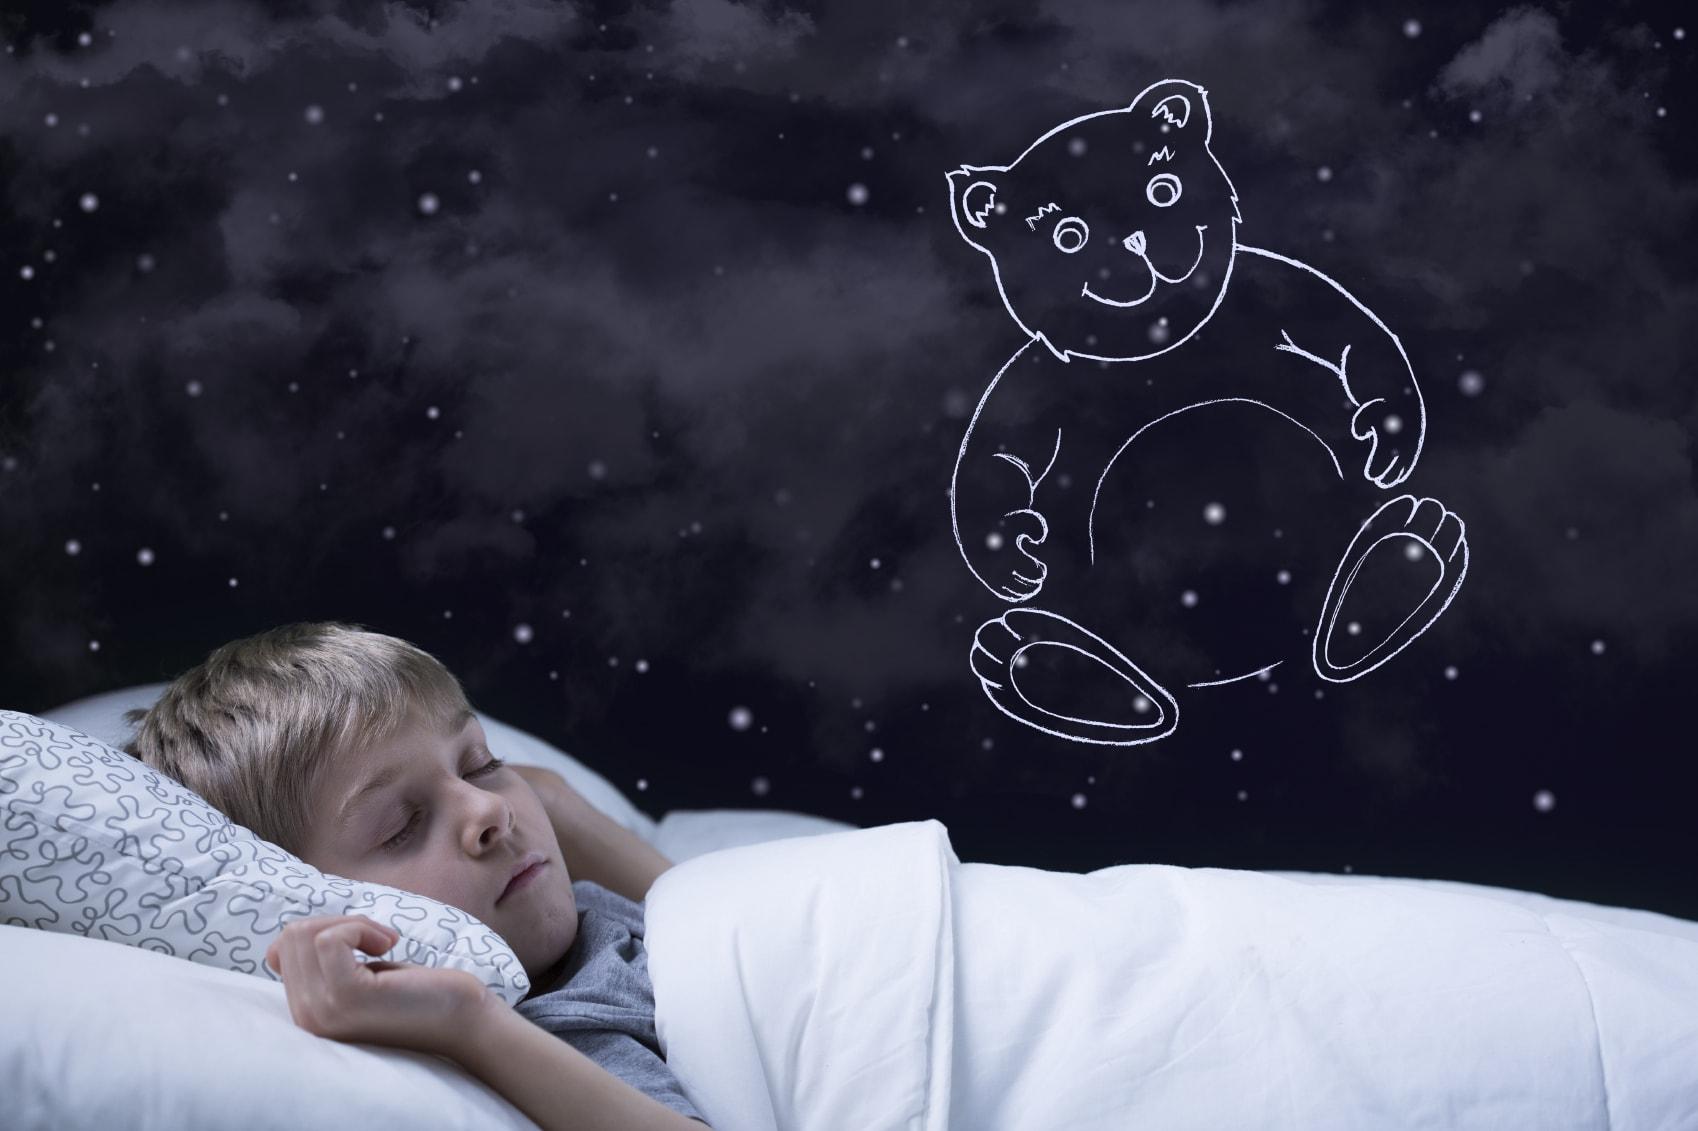 En liten pojke ligger nedbäddad i sin säng och drömmer om en nallebjörn